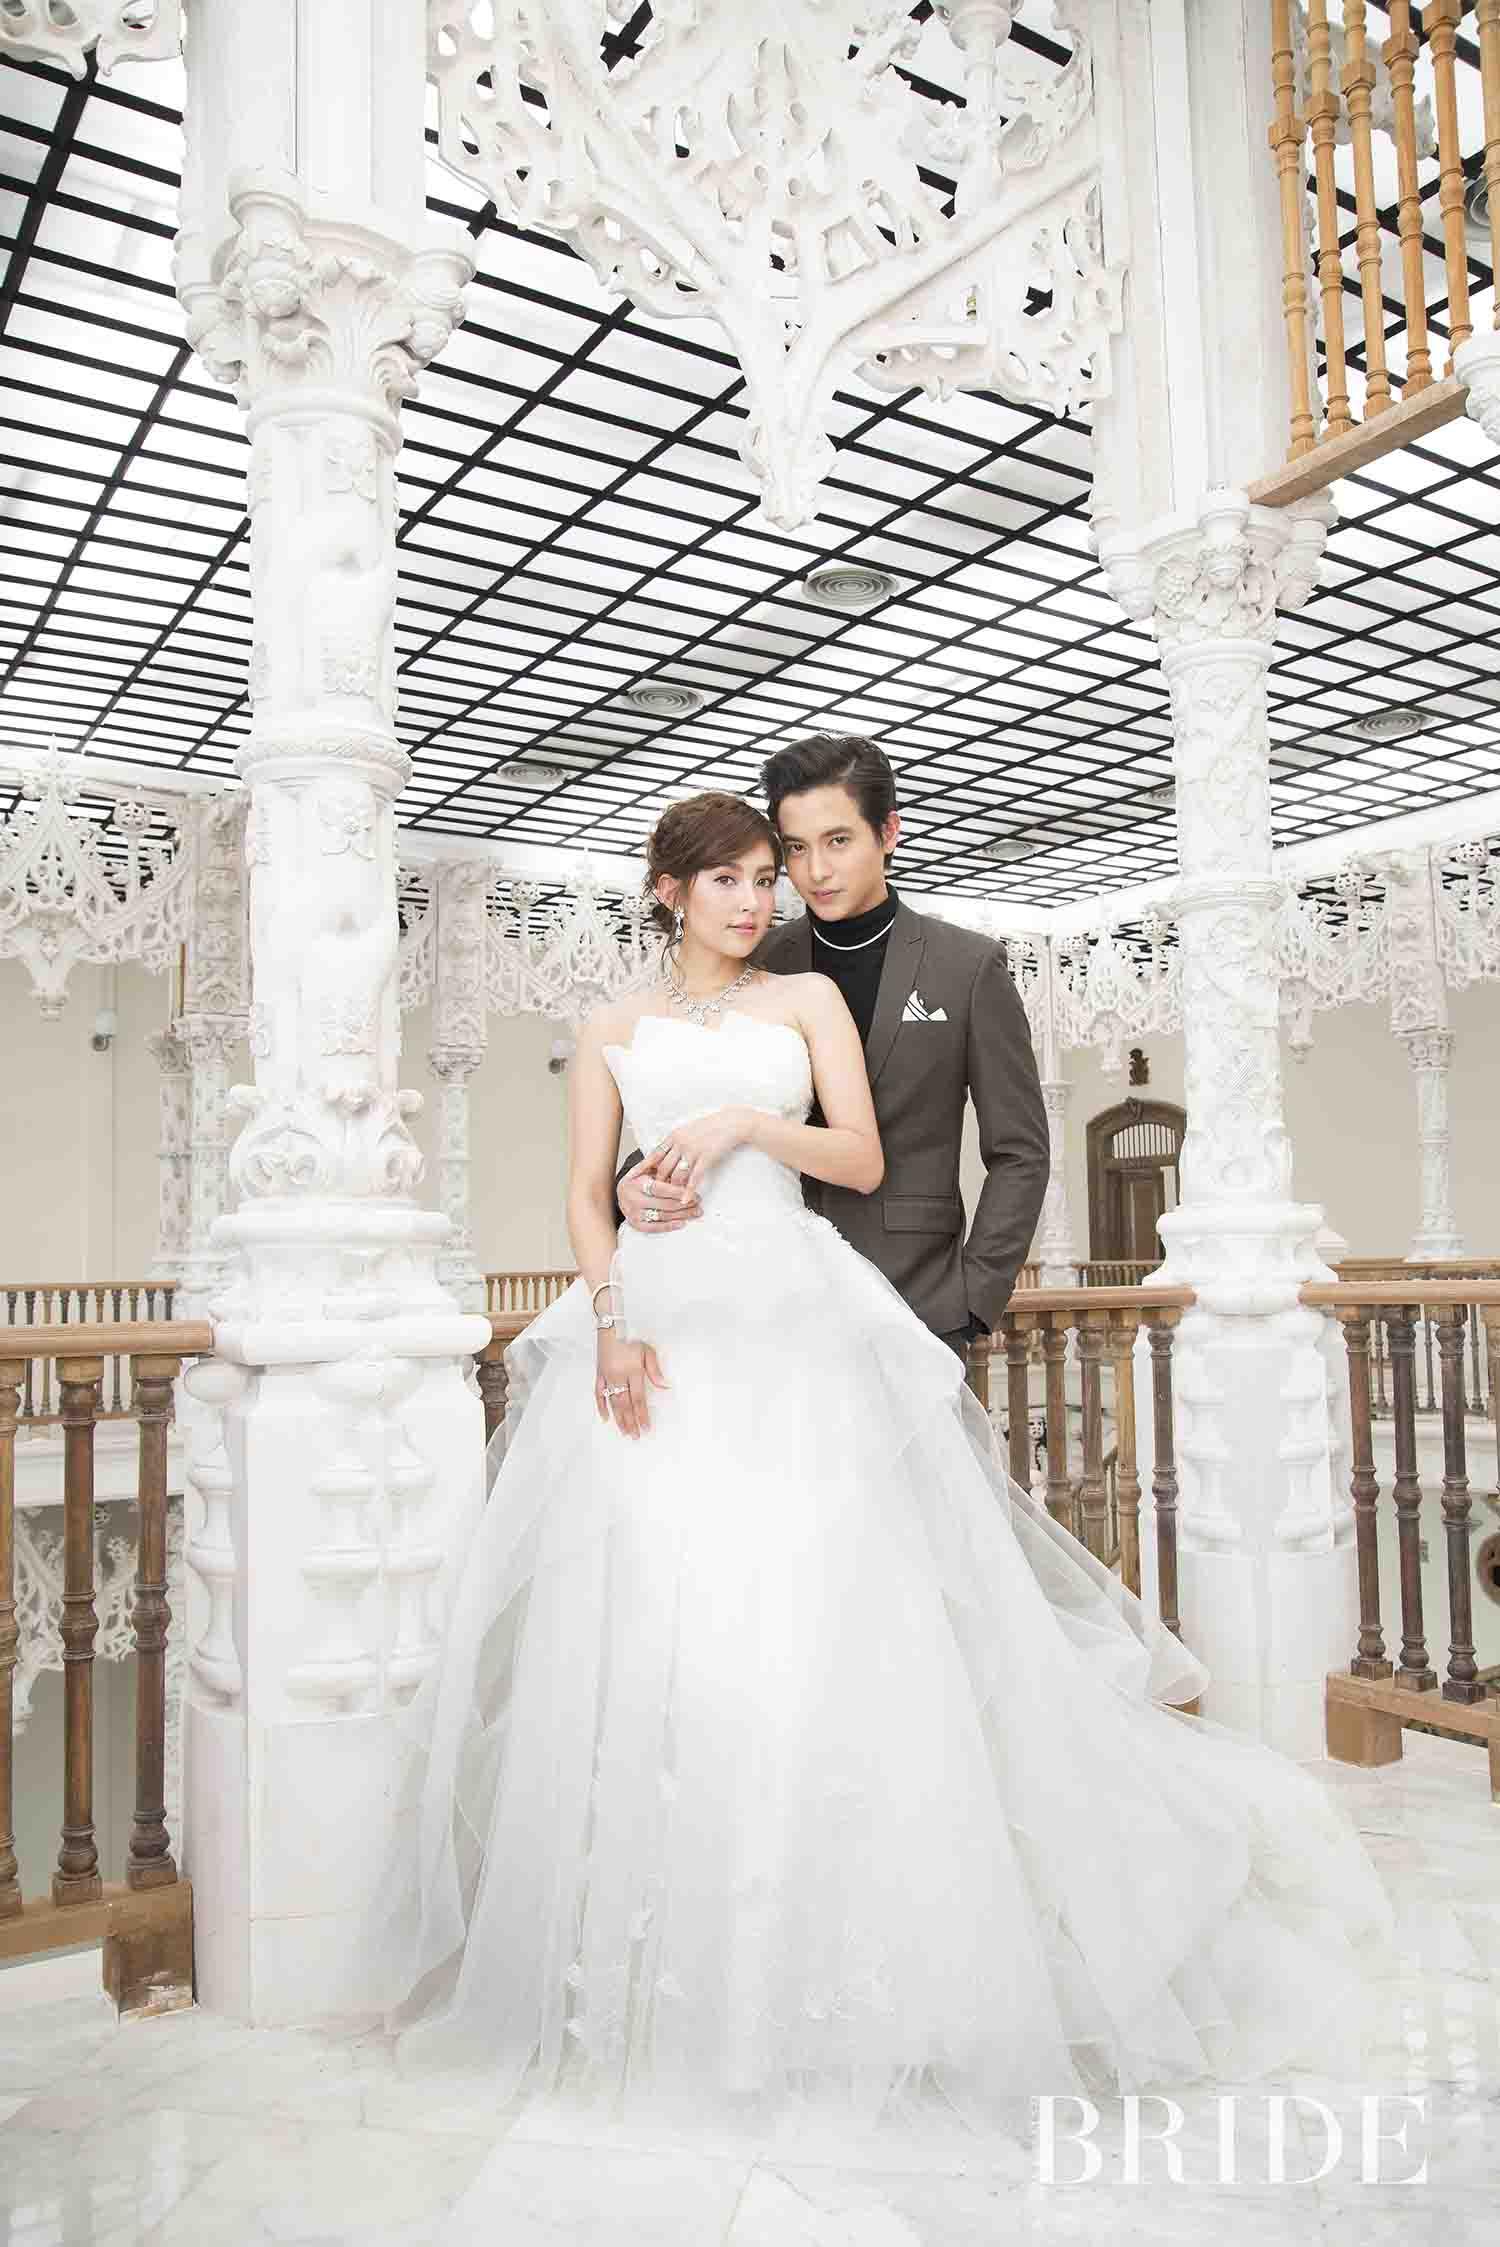 สูทเจ้าบ่าว_สูทแต่งงาน_wedding_suit_groom_suit_010